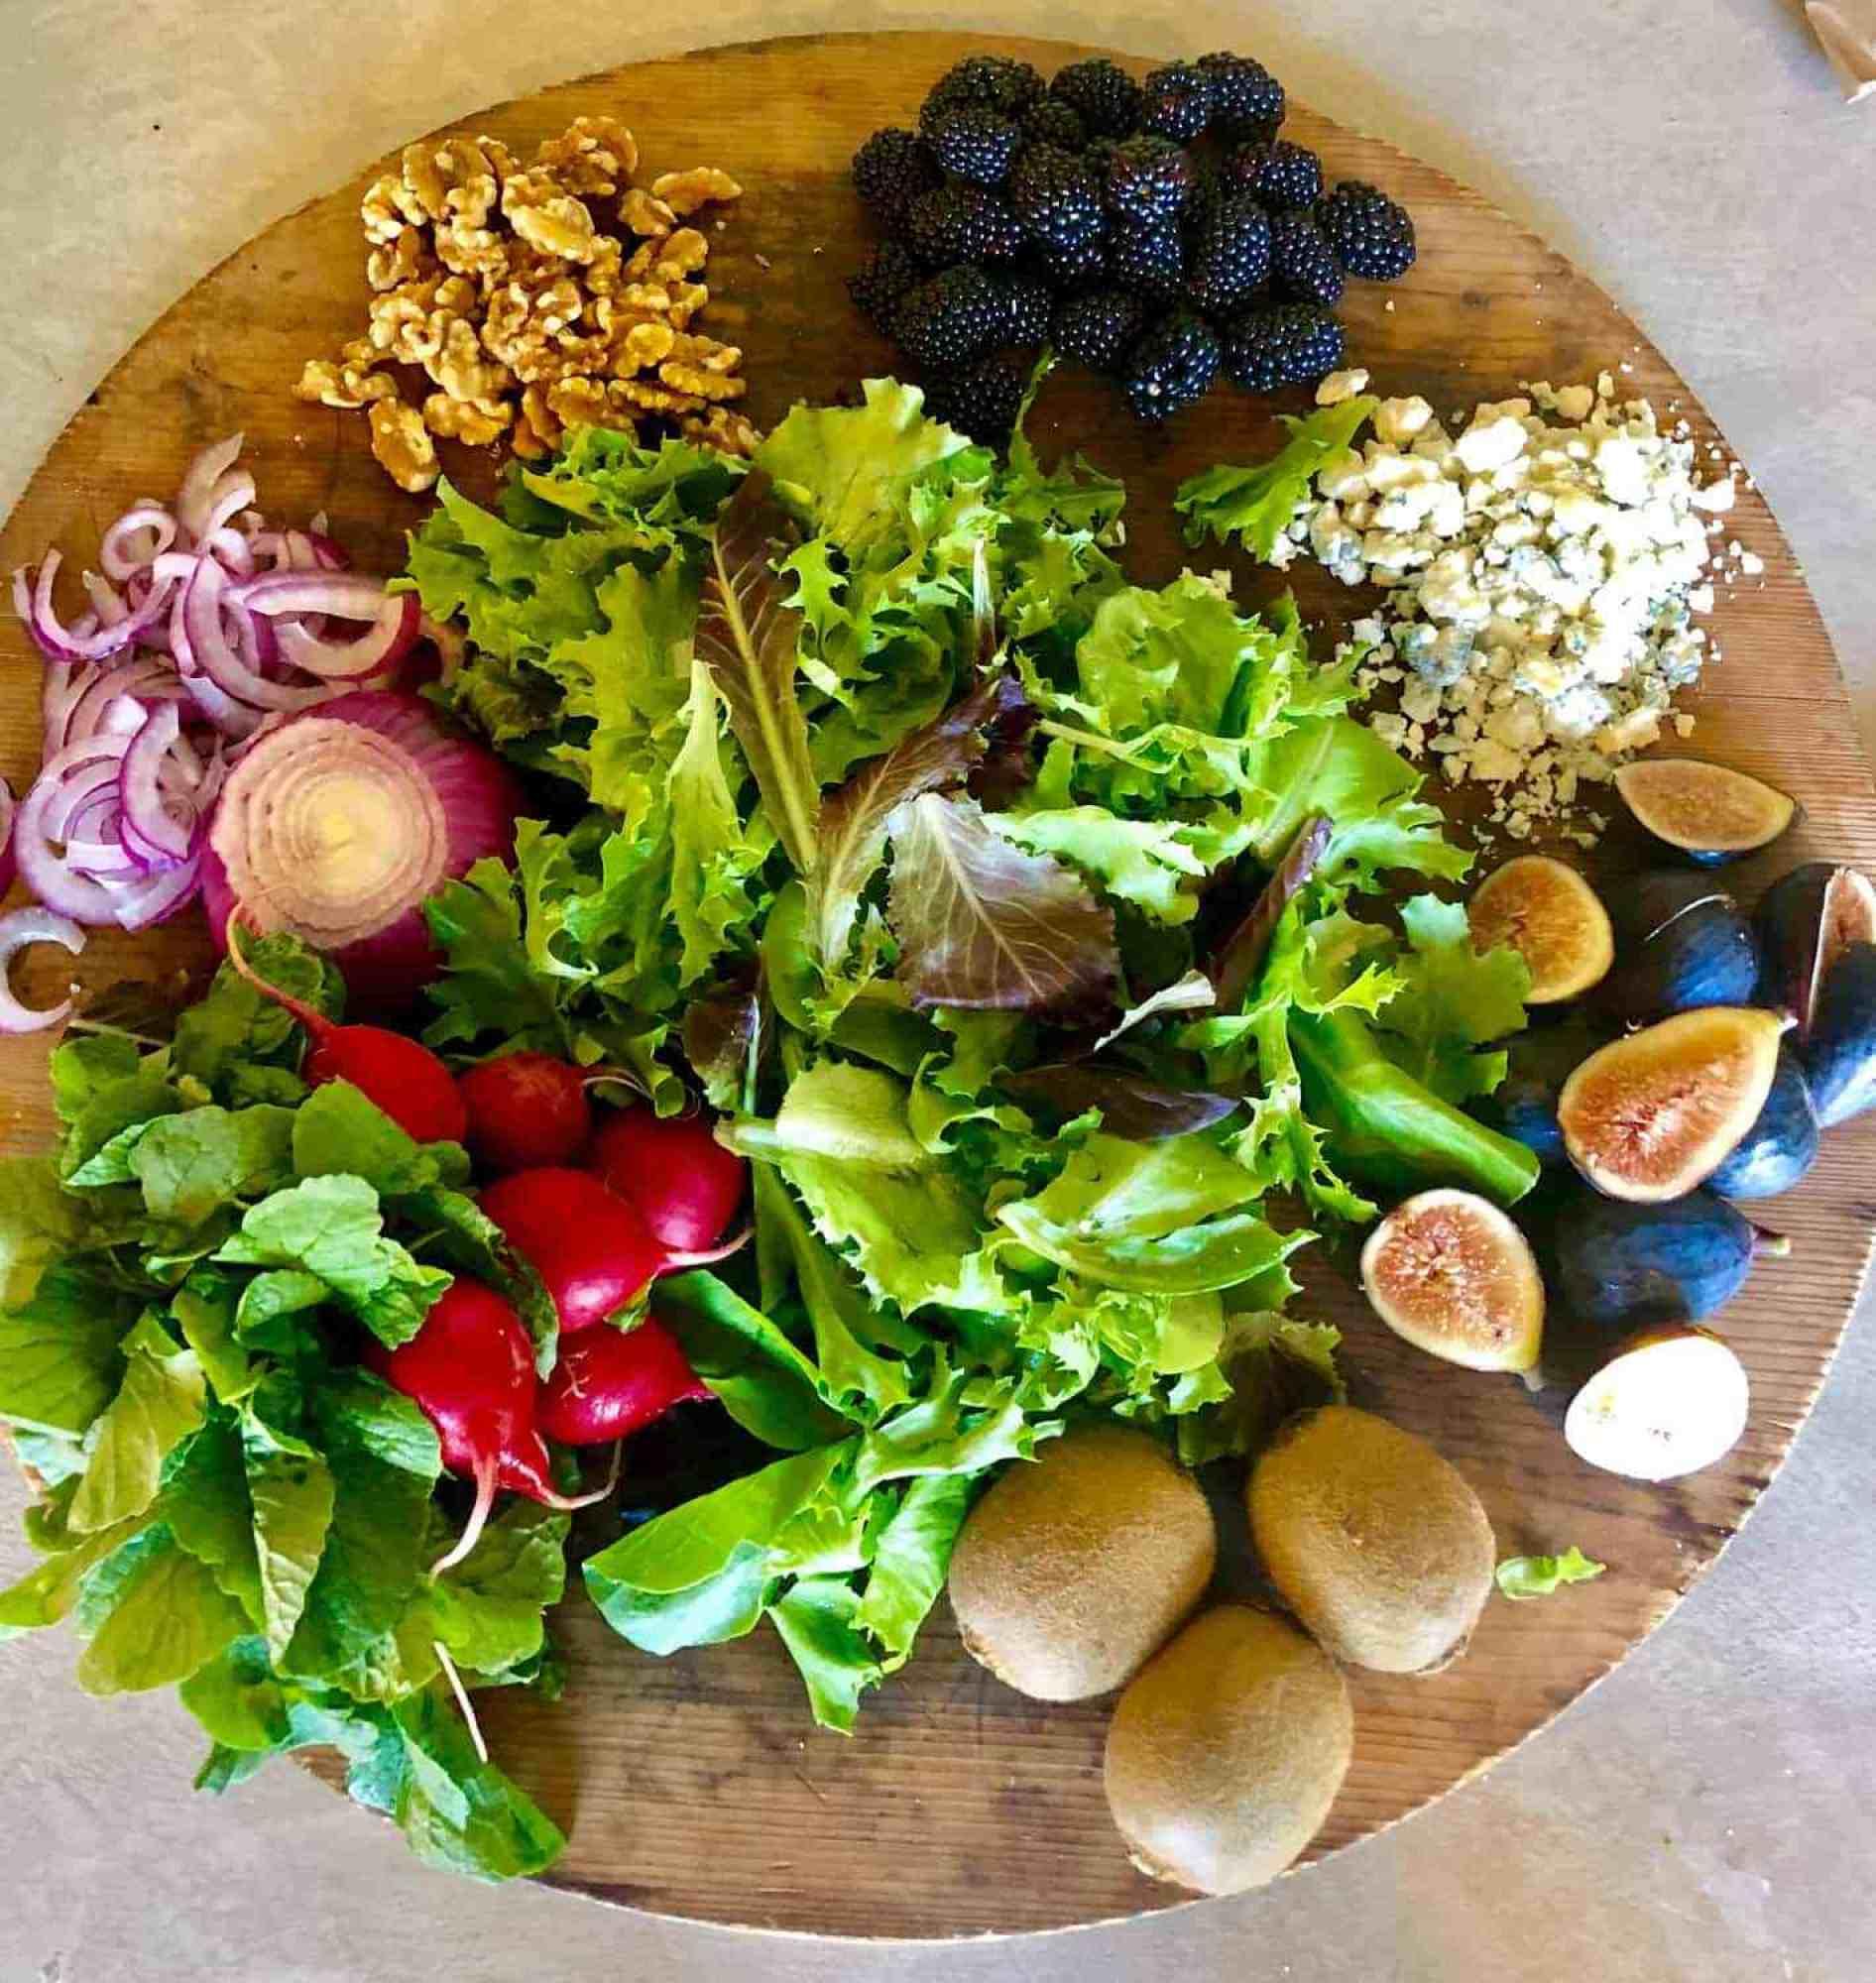 fresh salad ingredients cindy hattersley